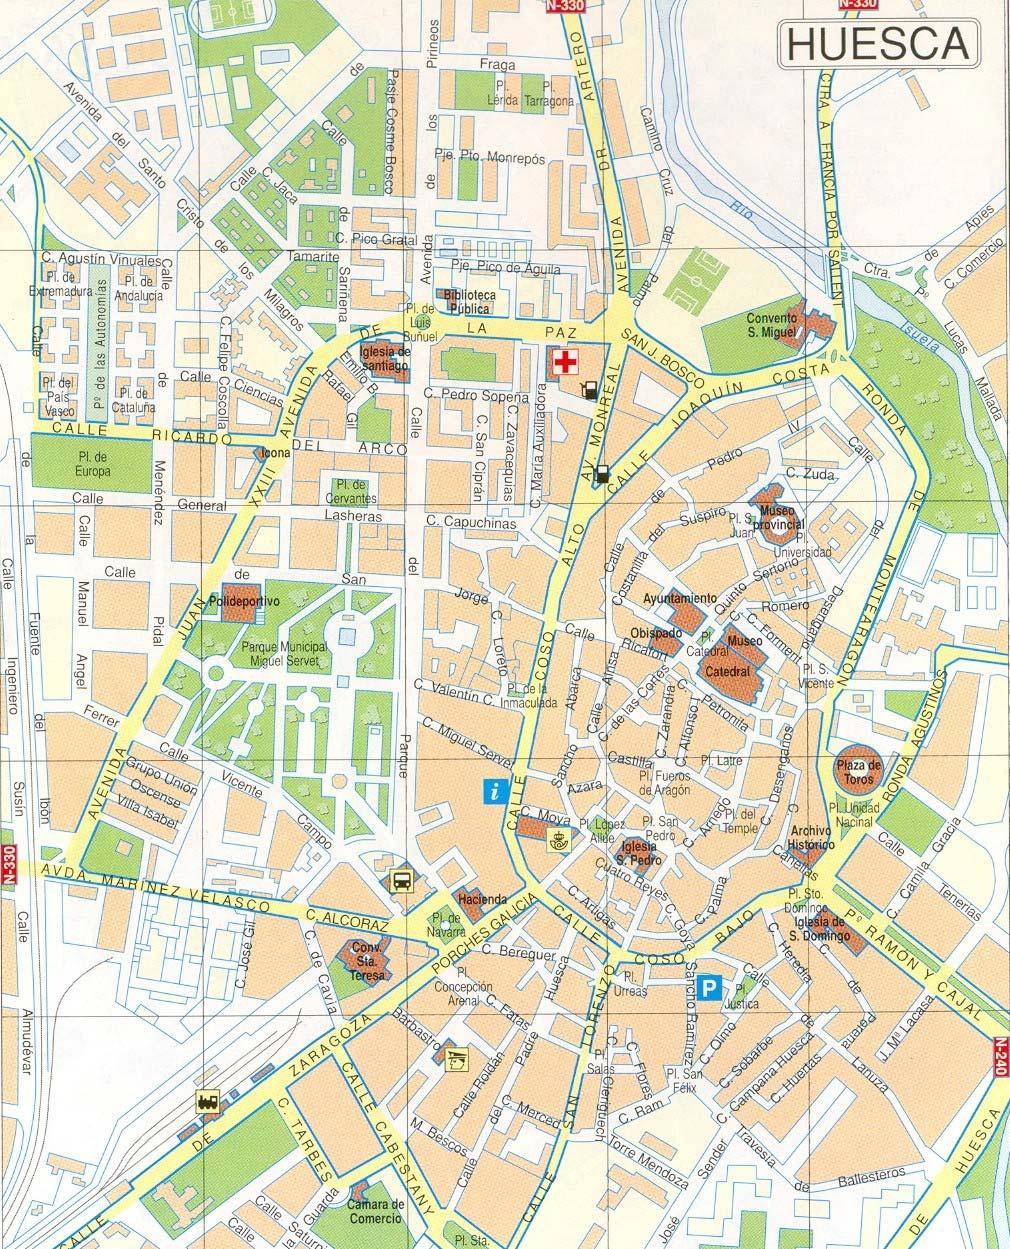 Mapa de Huesca